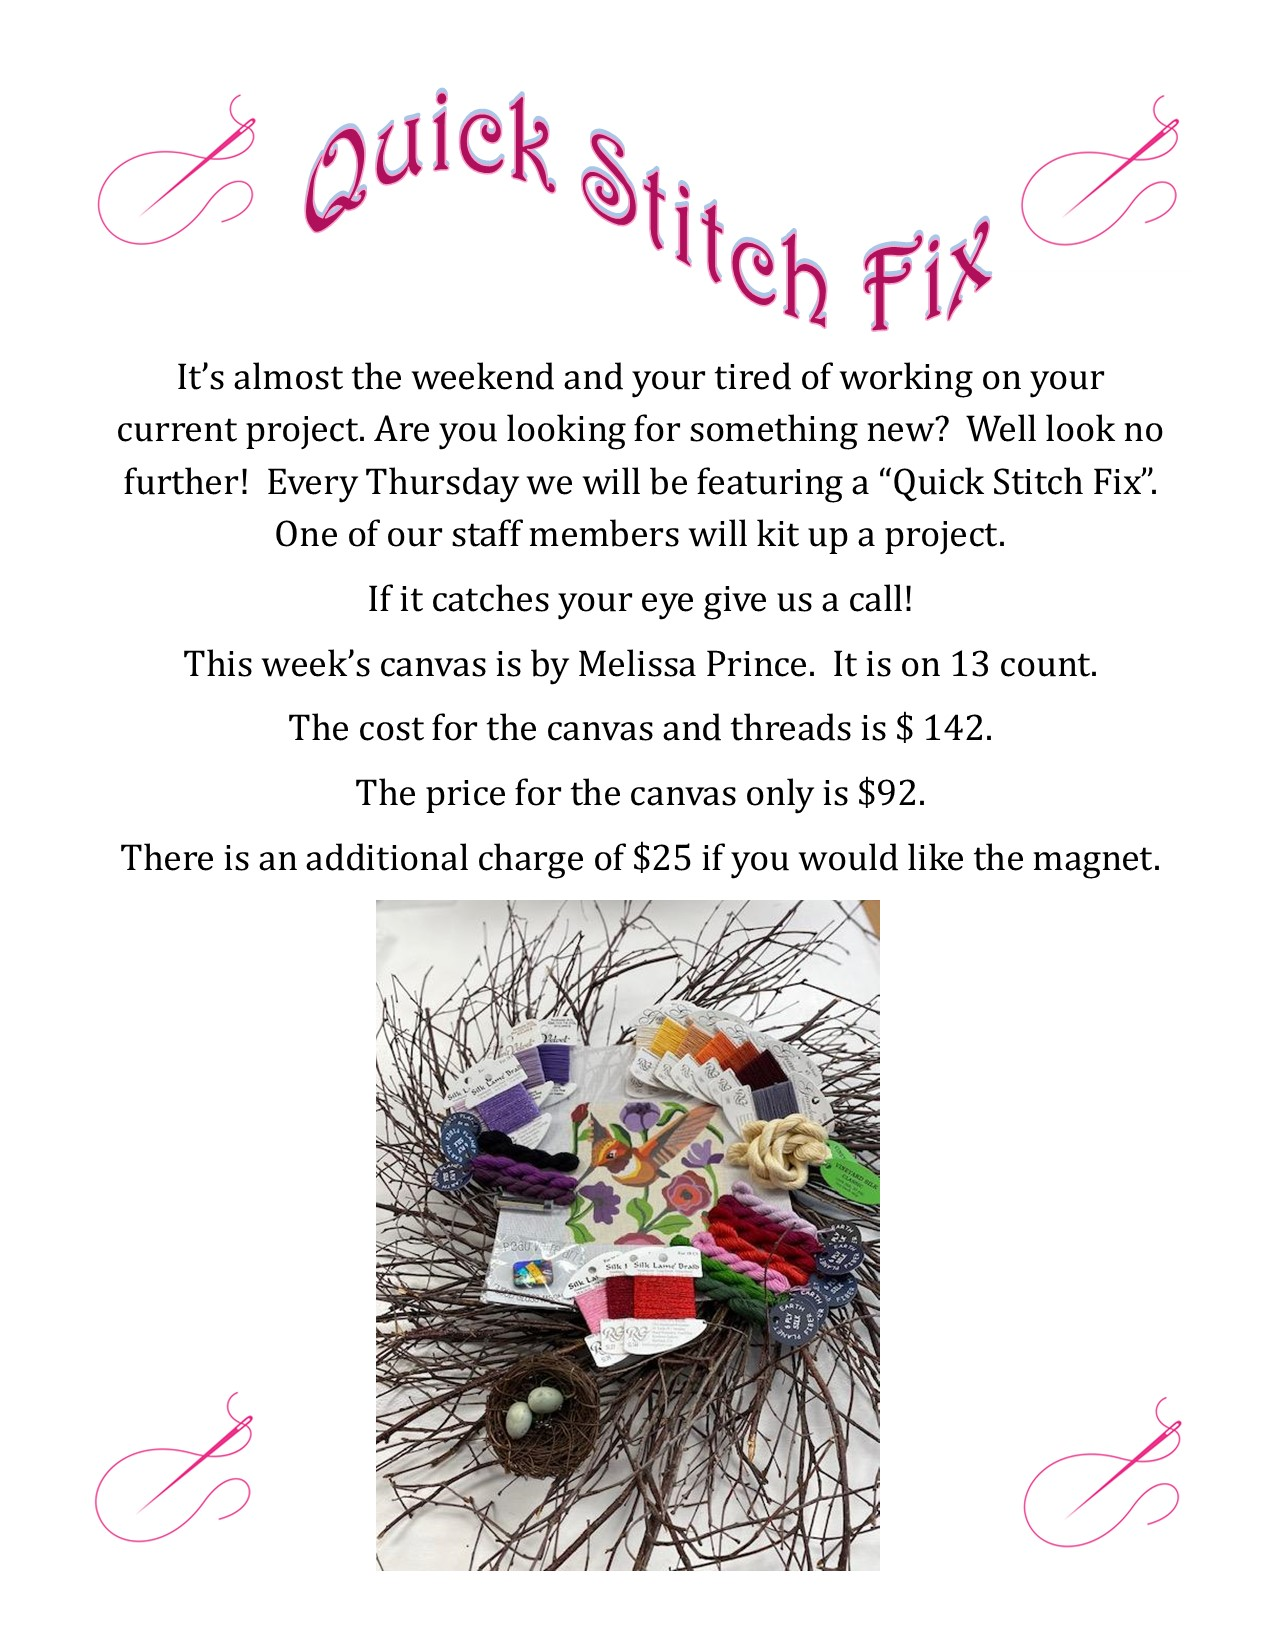 Quick Stitch Fix – 5-6-21